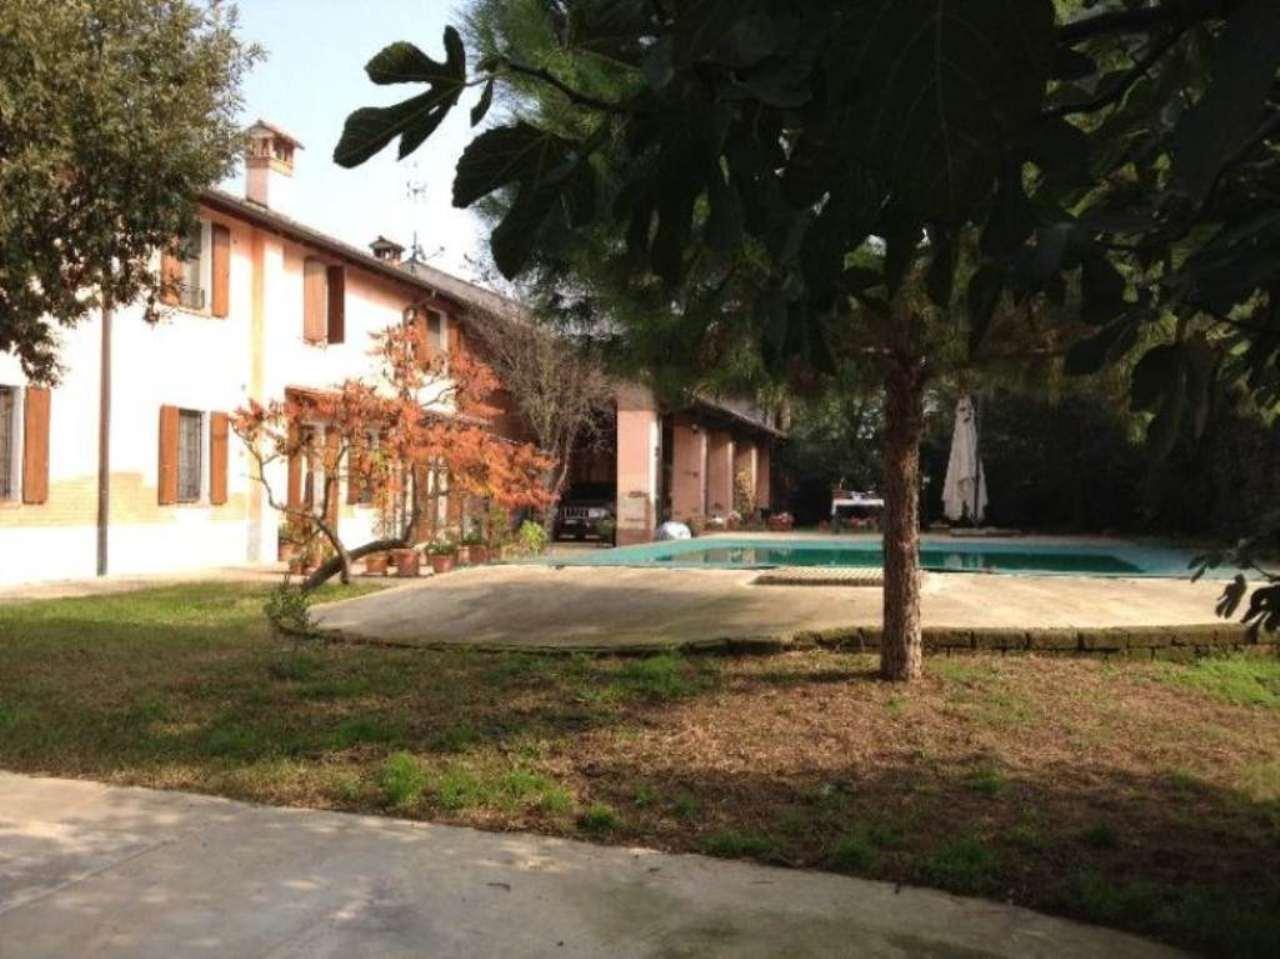 Rustico / Casale in vendita a Sesto ed Uniti, 5 locali, prezzo € 850.000 | Cambio Casa.it